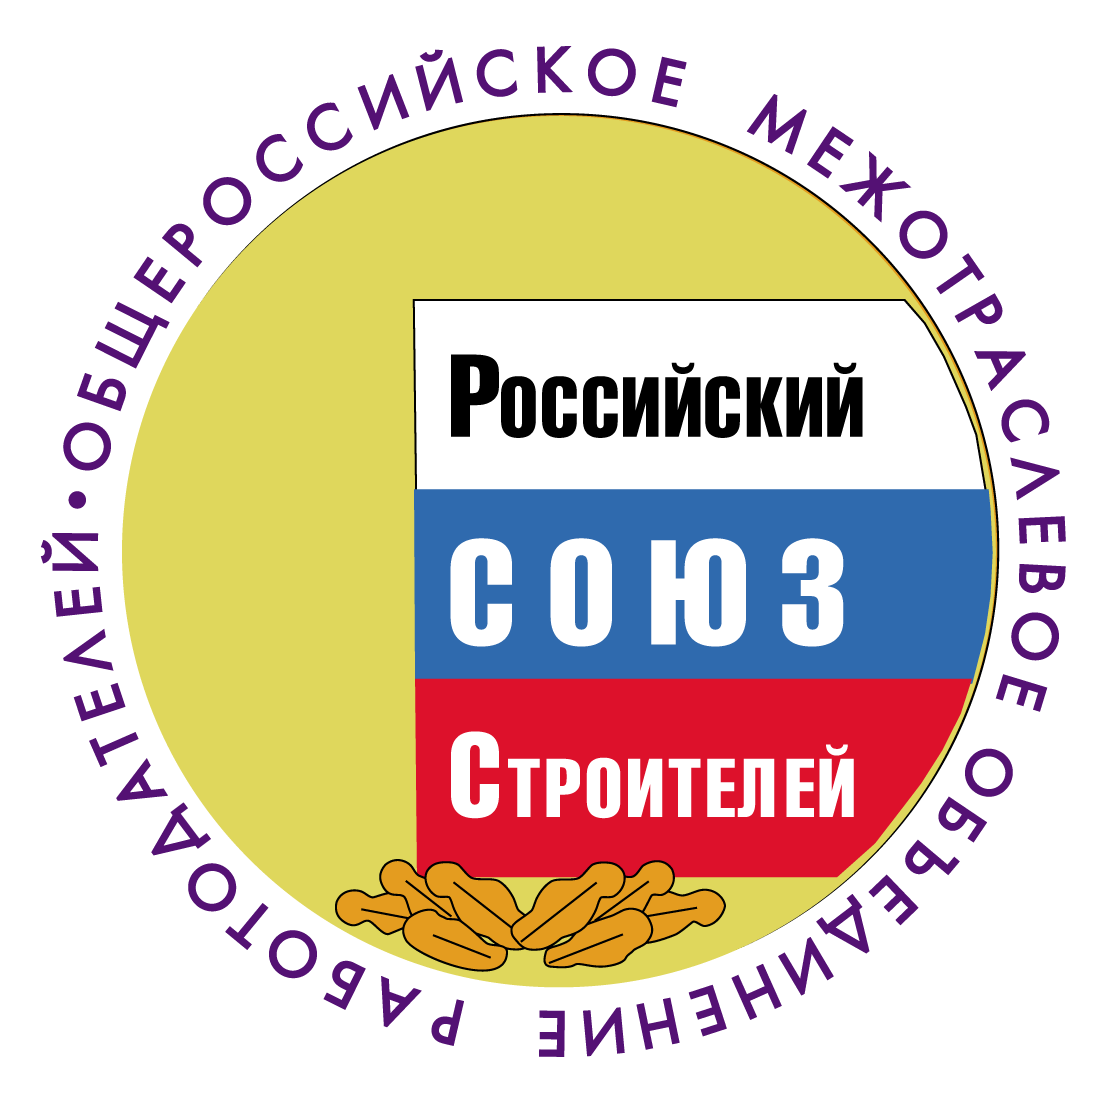 Российский Союз строителей